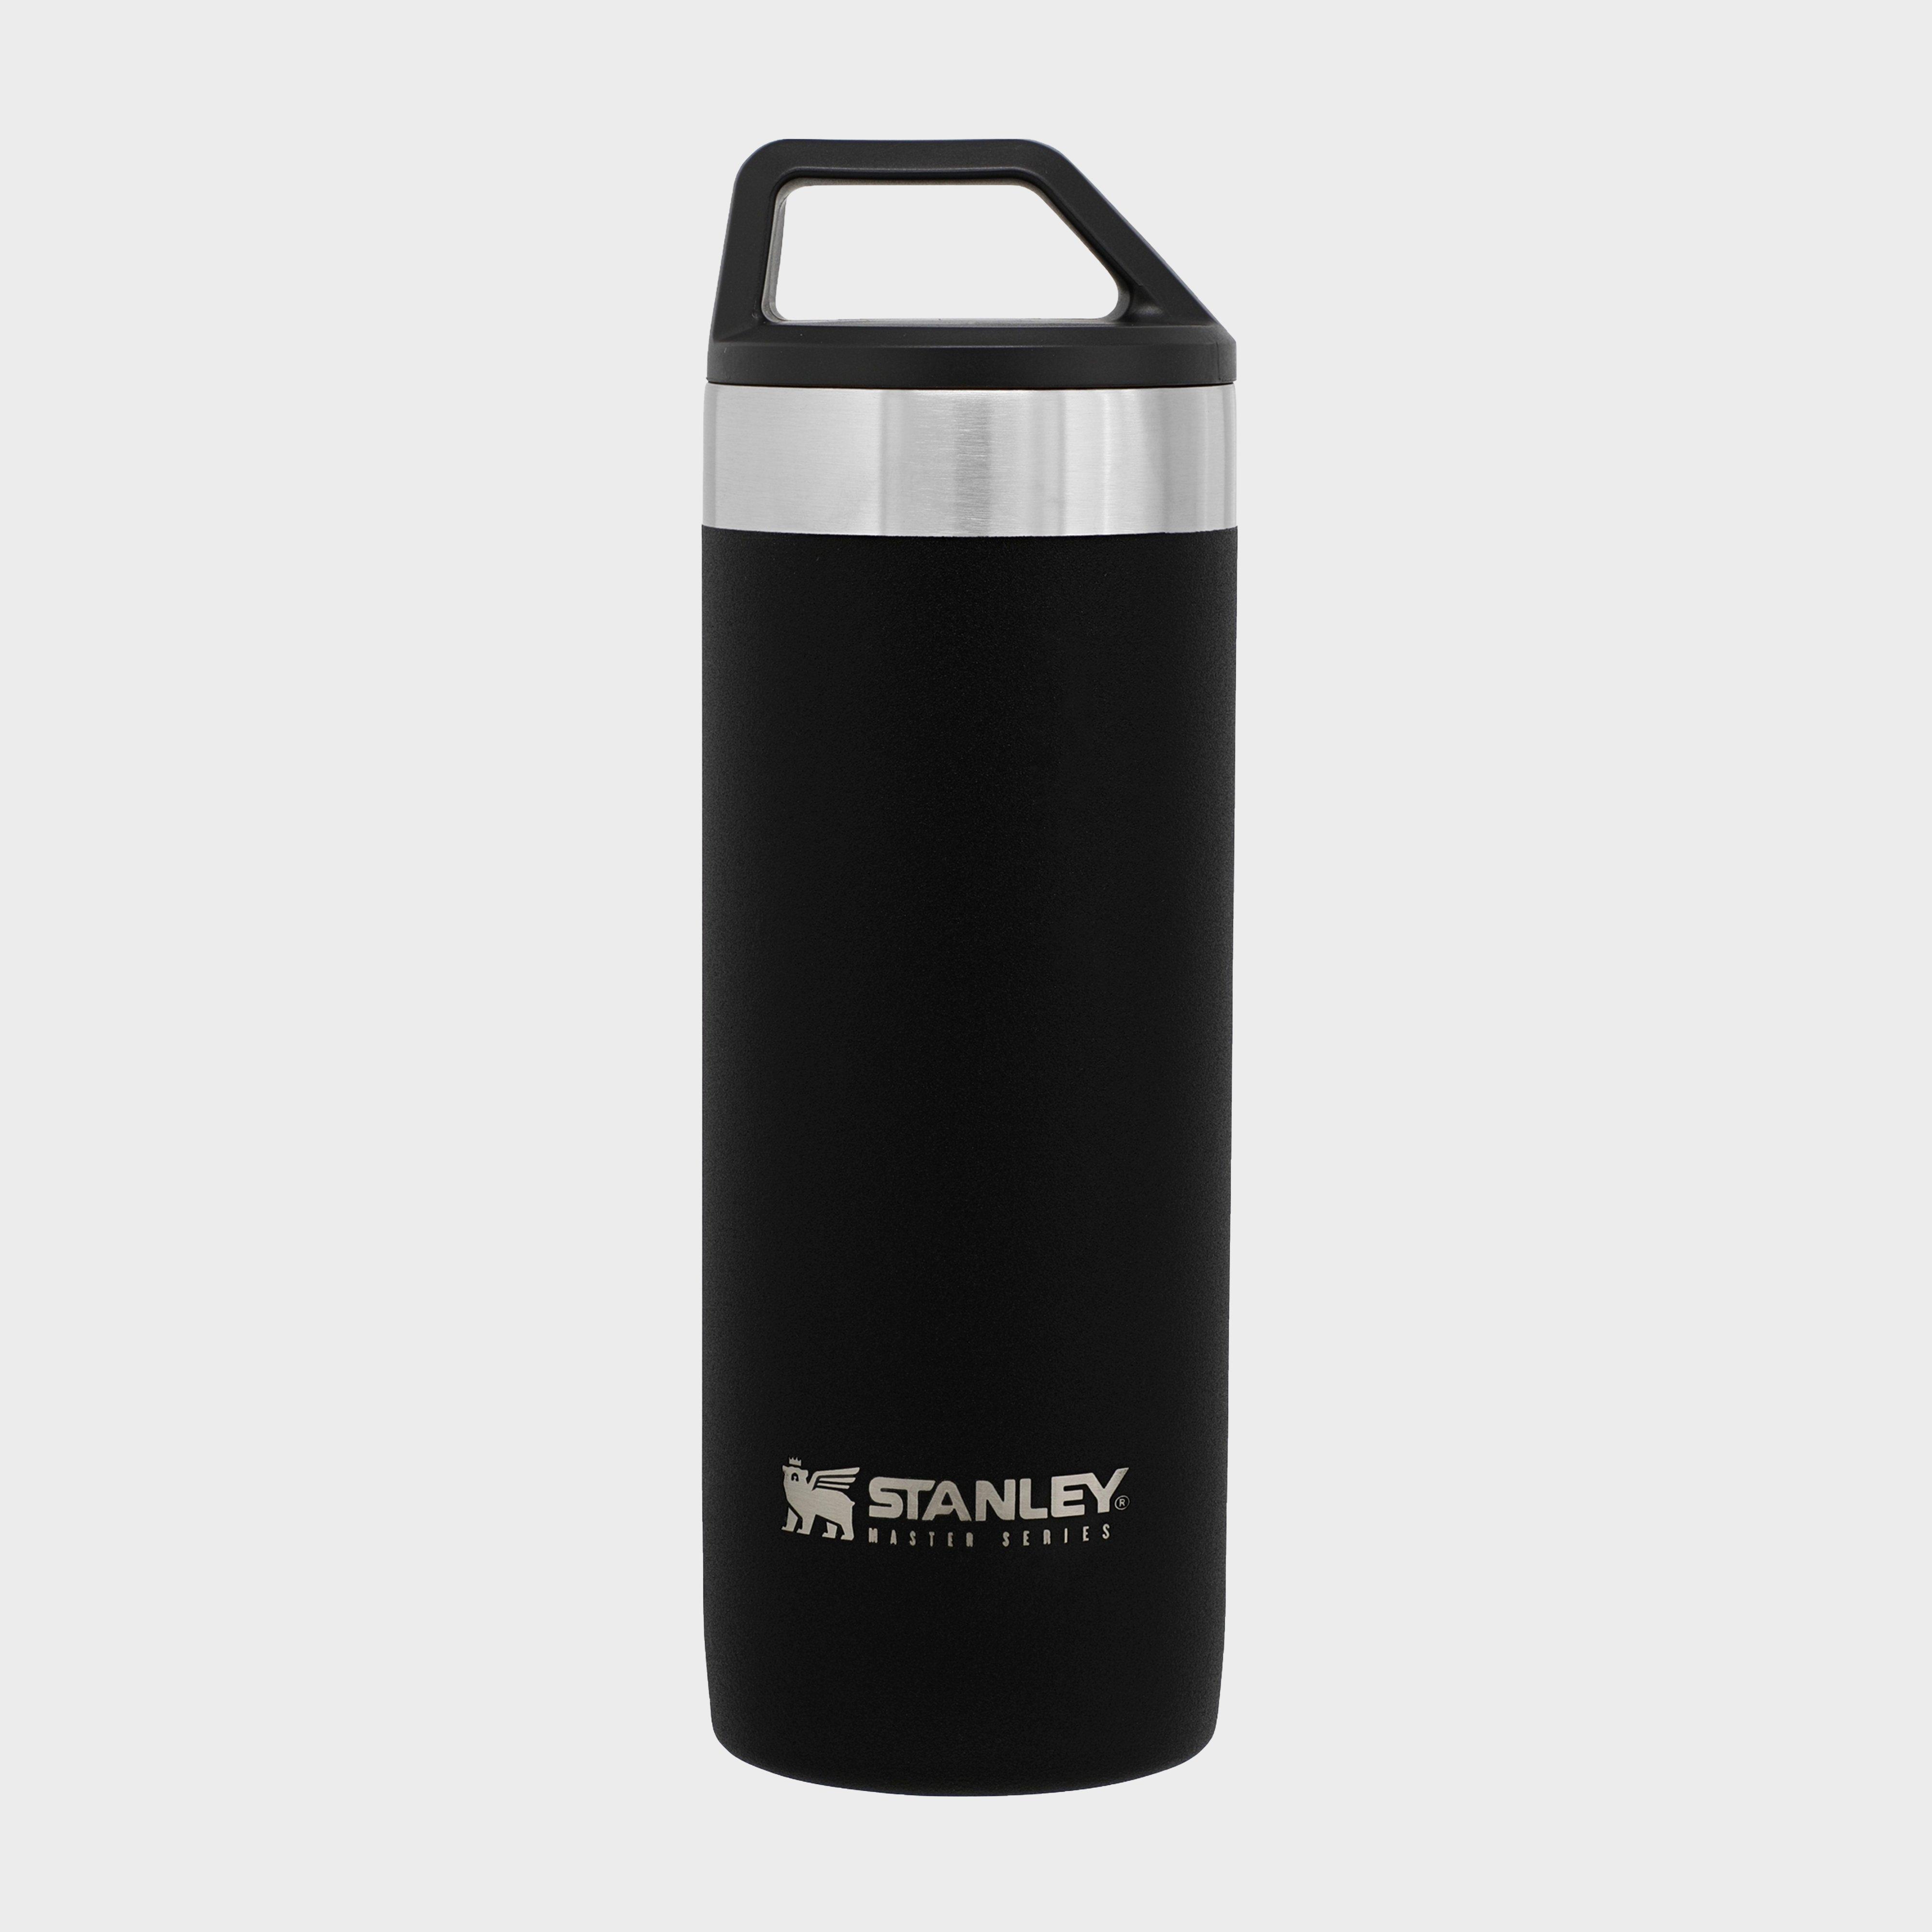 Stanley Stanley Master Unbreakable Packable Mug 530mlMug 530ml, Black